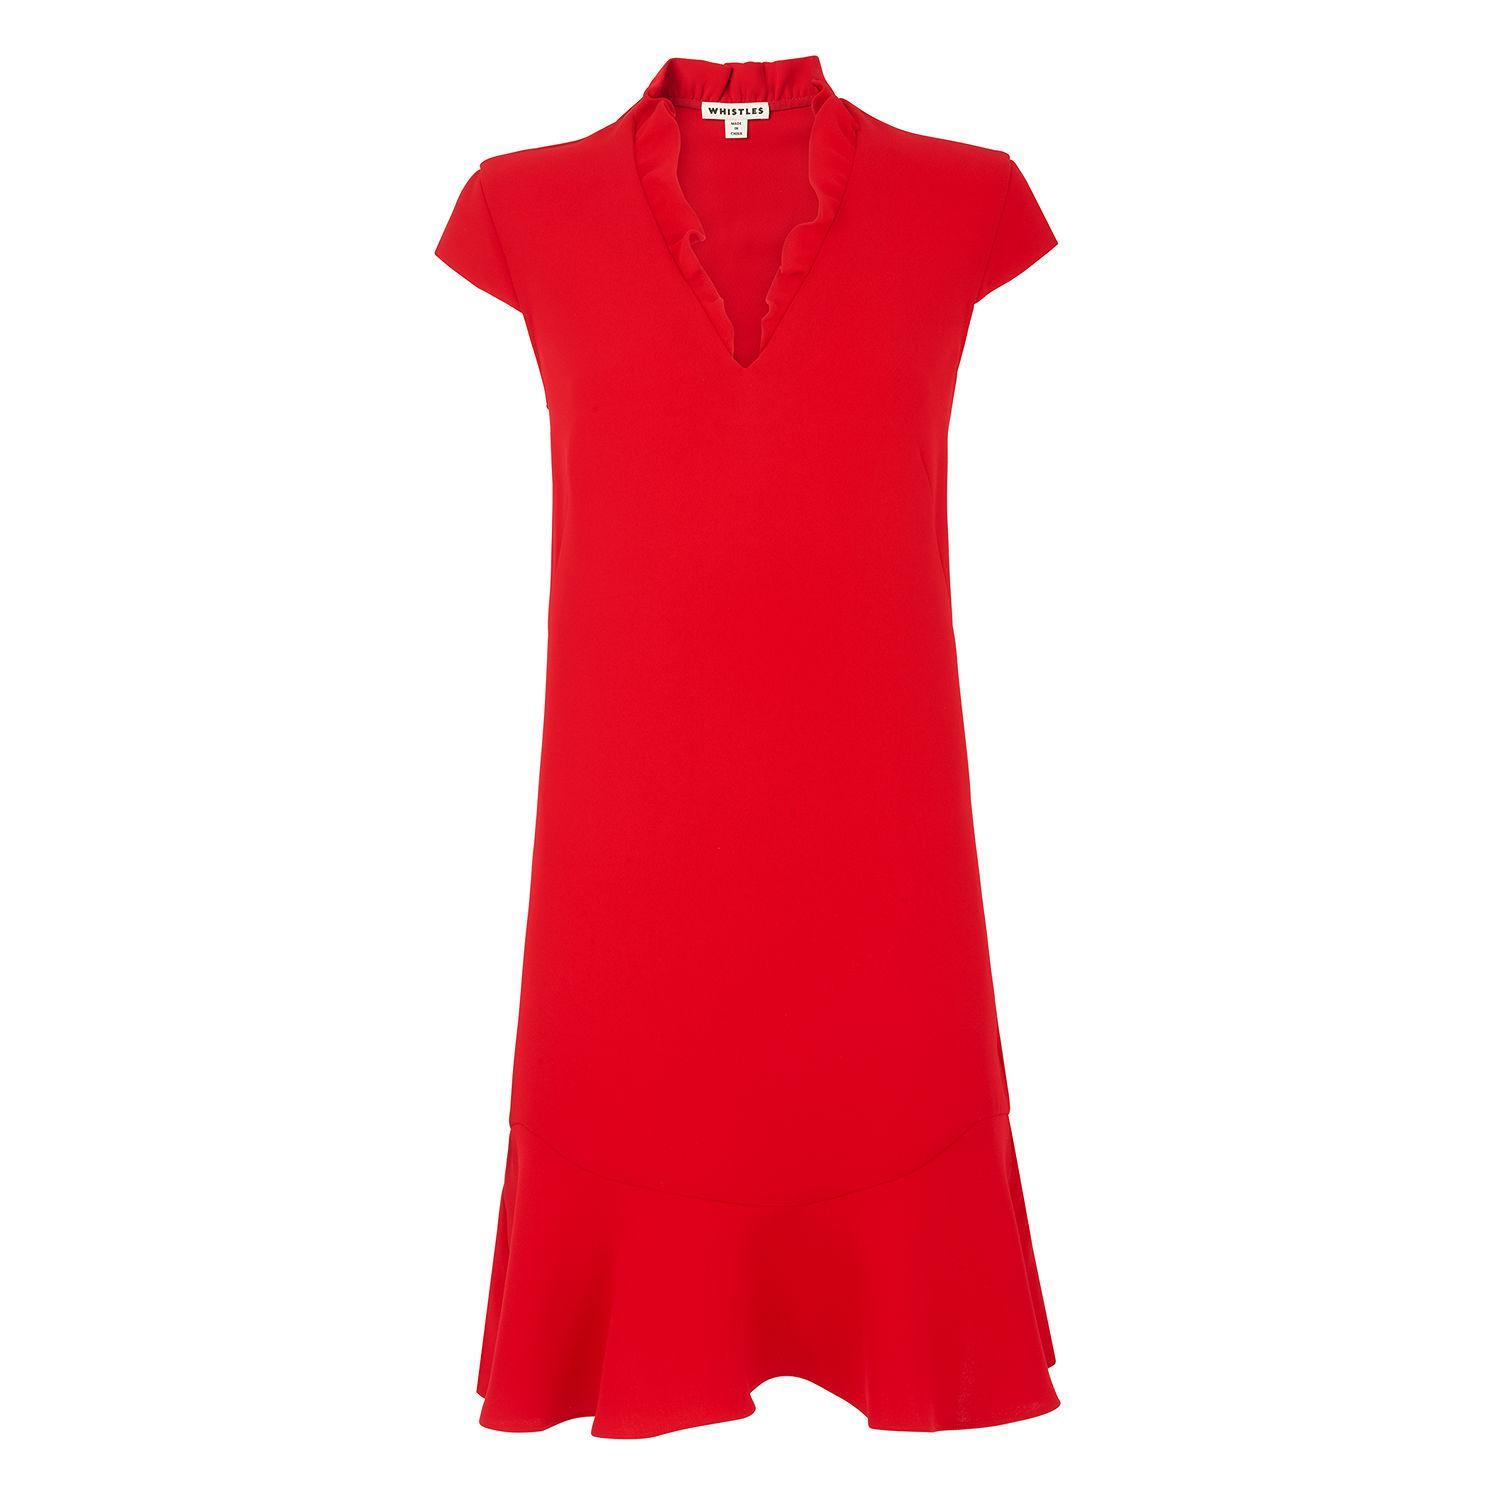 c2c080eae9 Whistles Federica Frill V-neck Dress in Red - Lyst